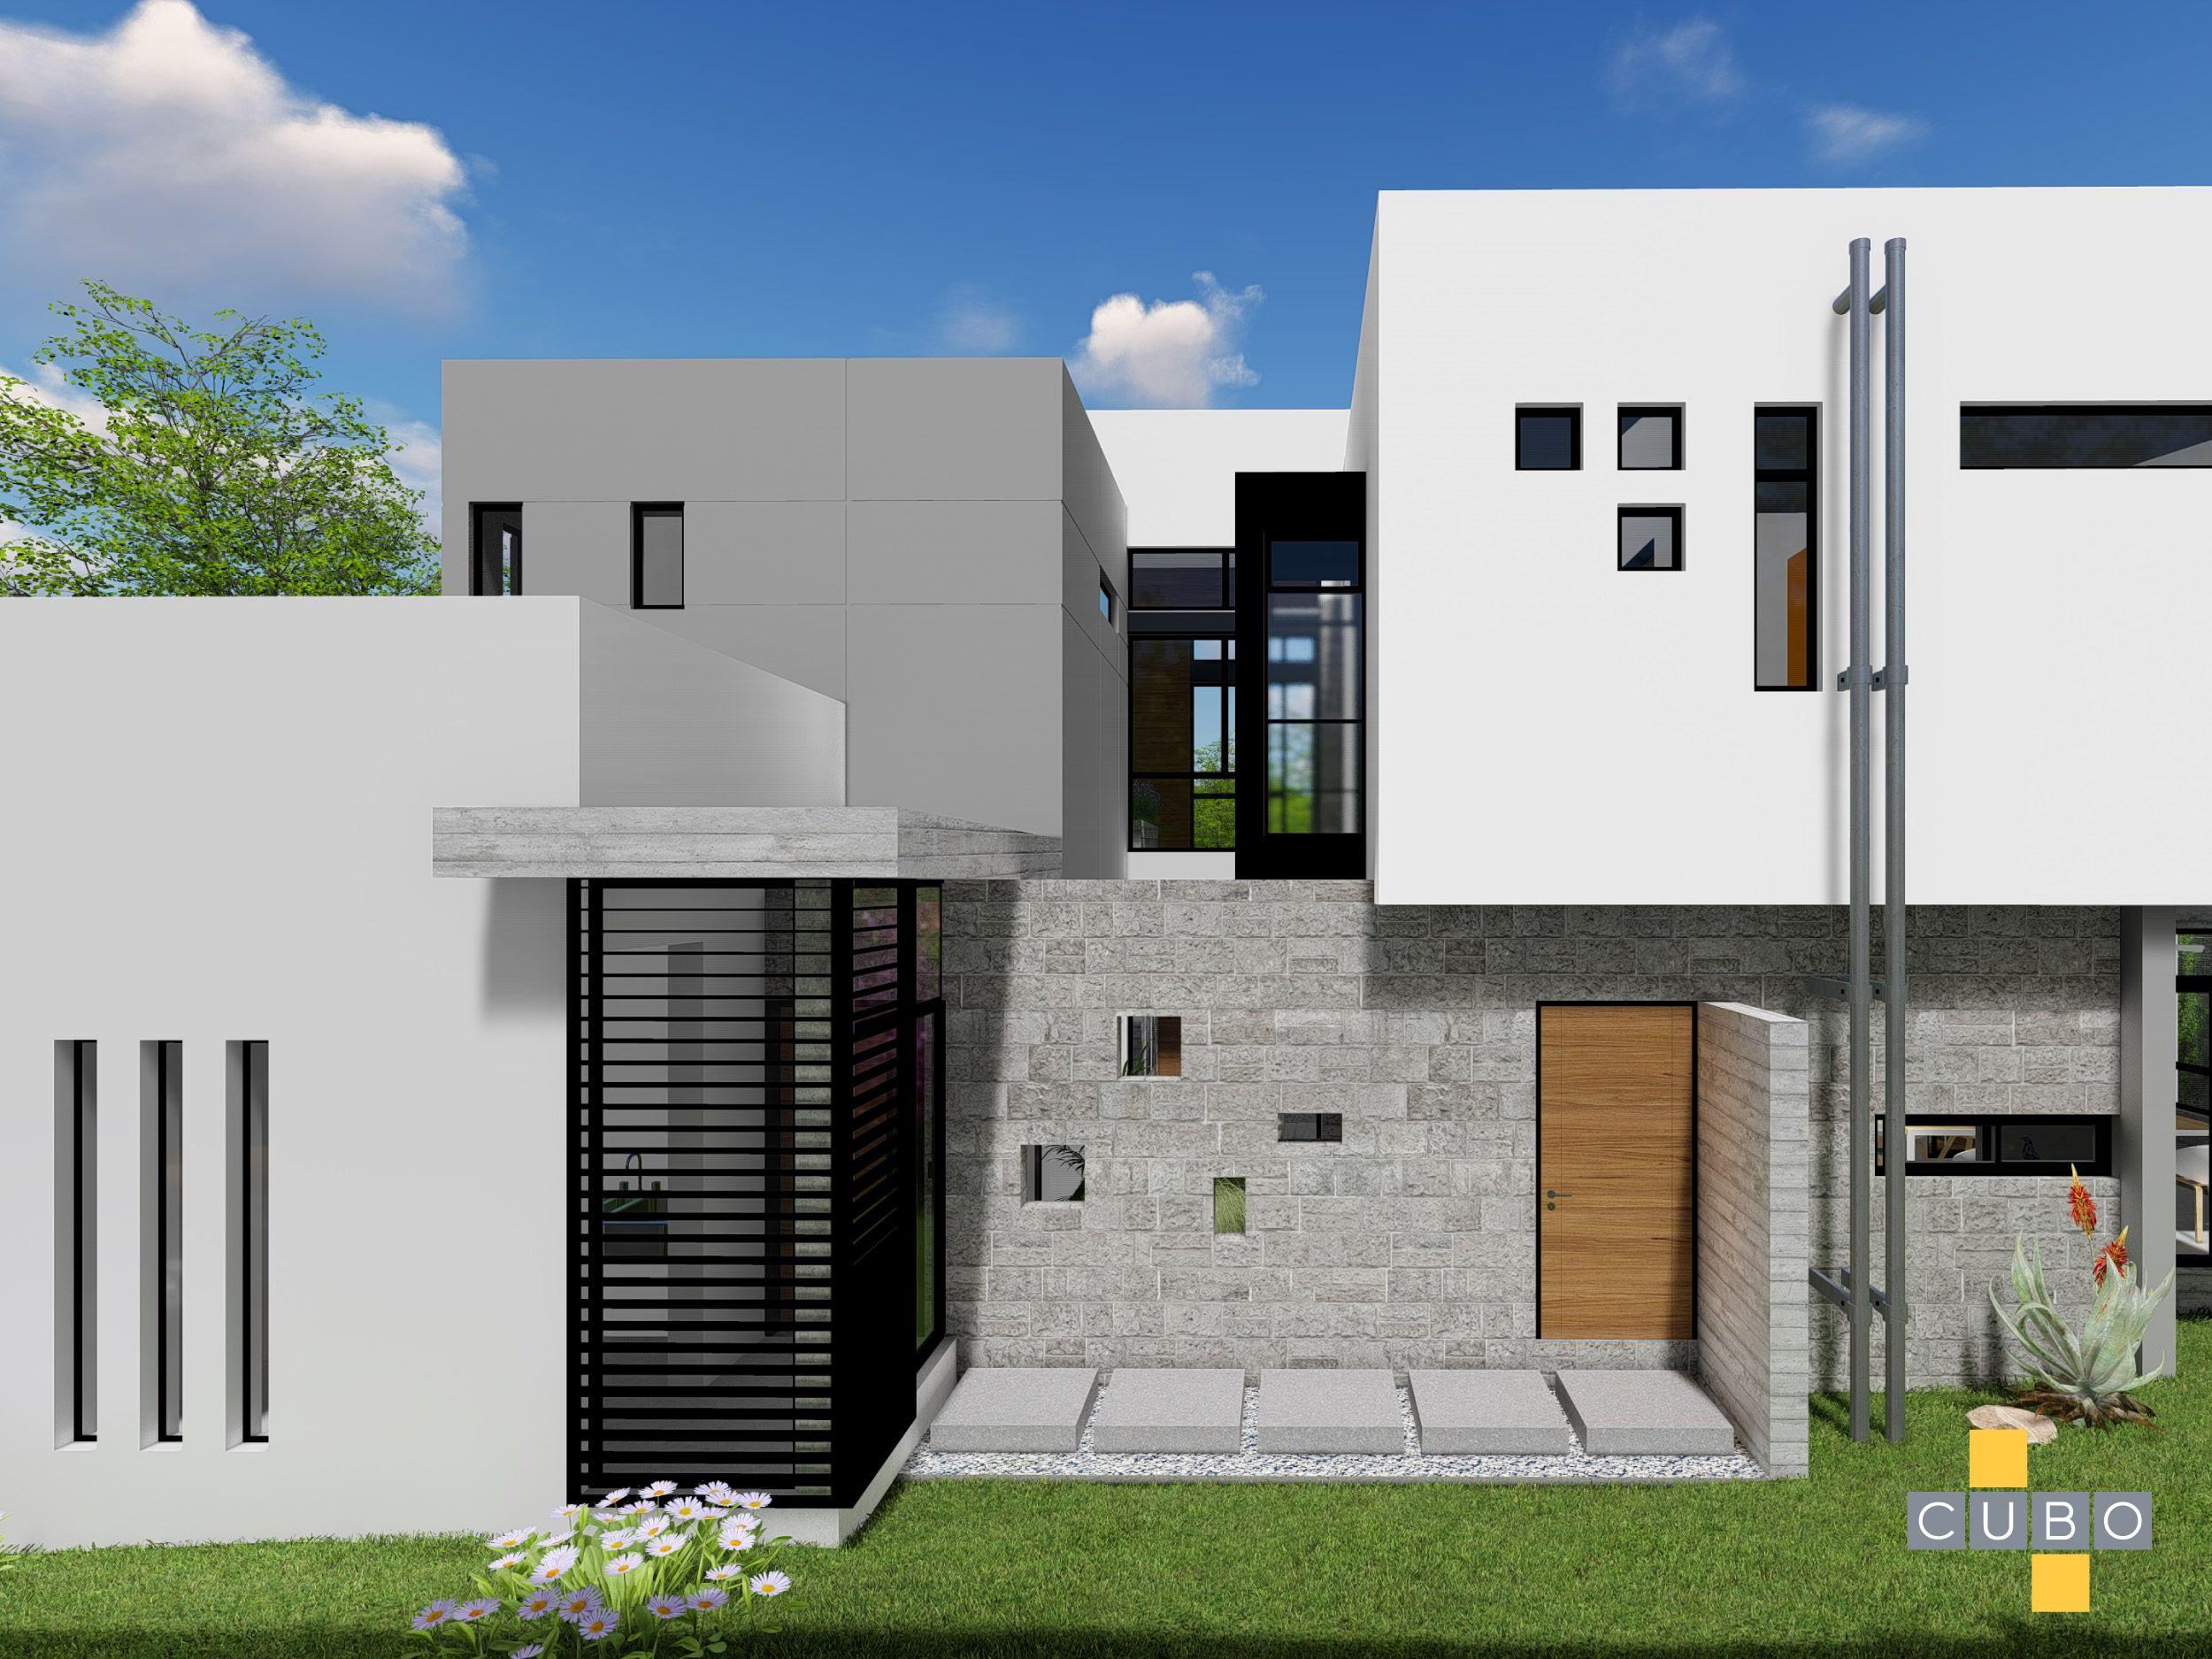 Vista lateral de la casa. | House styles, House, Mansions